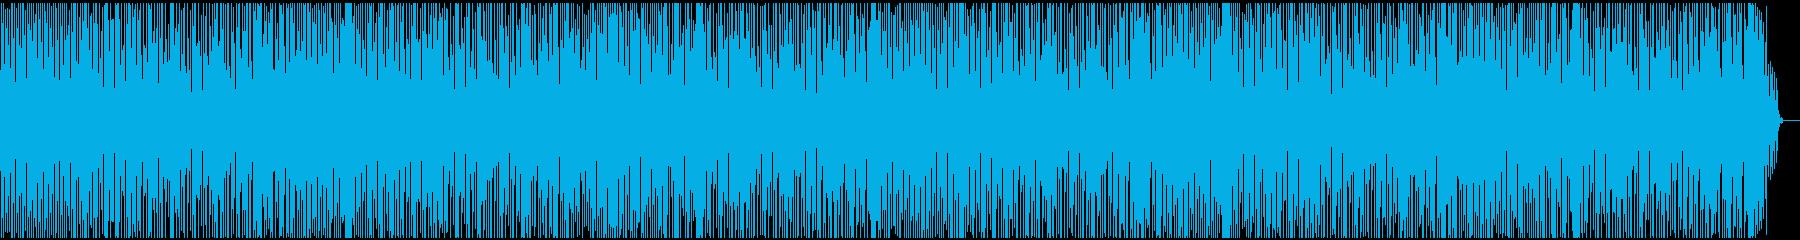 お洒落なミディアムテンポのポップスの再生済みの波形